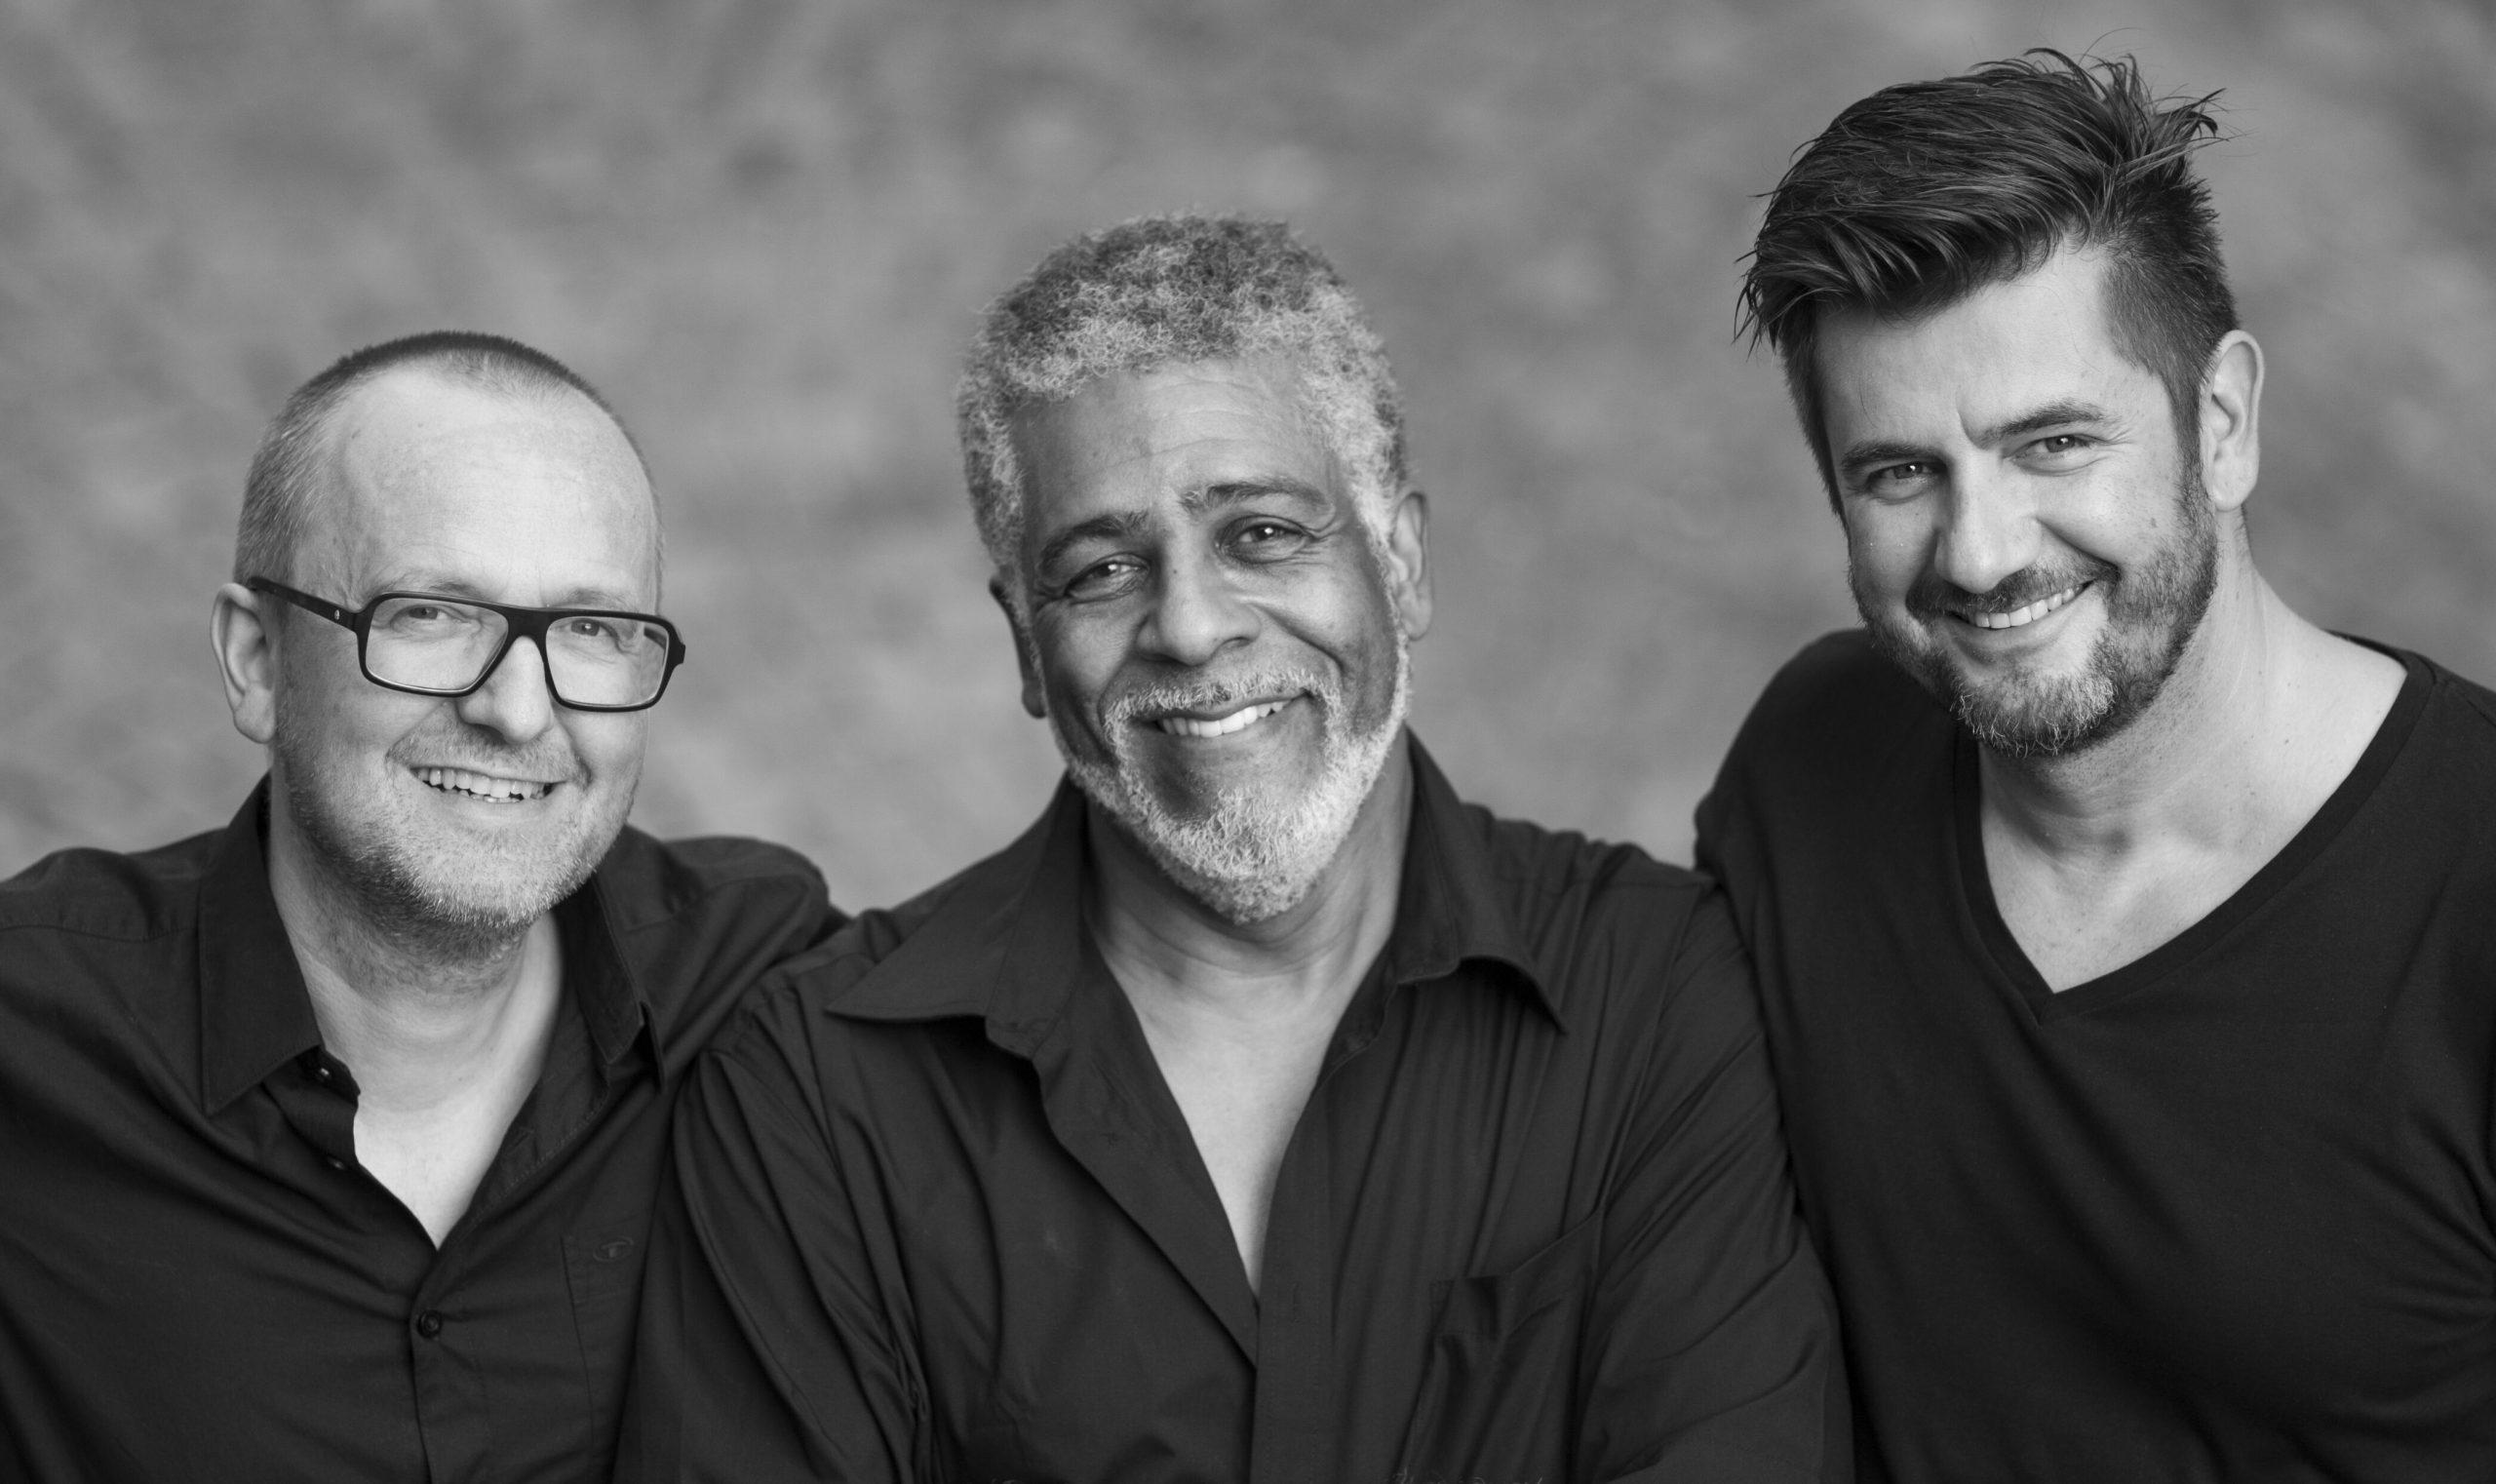 Leroy Emmanuel Trio